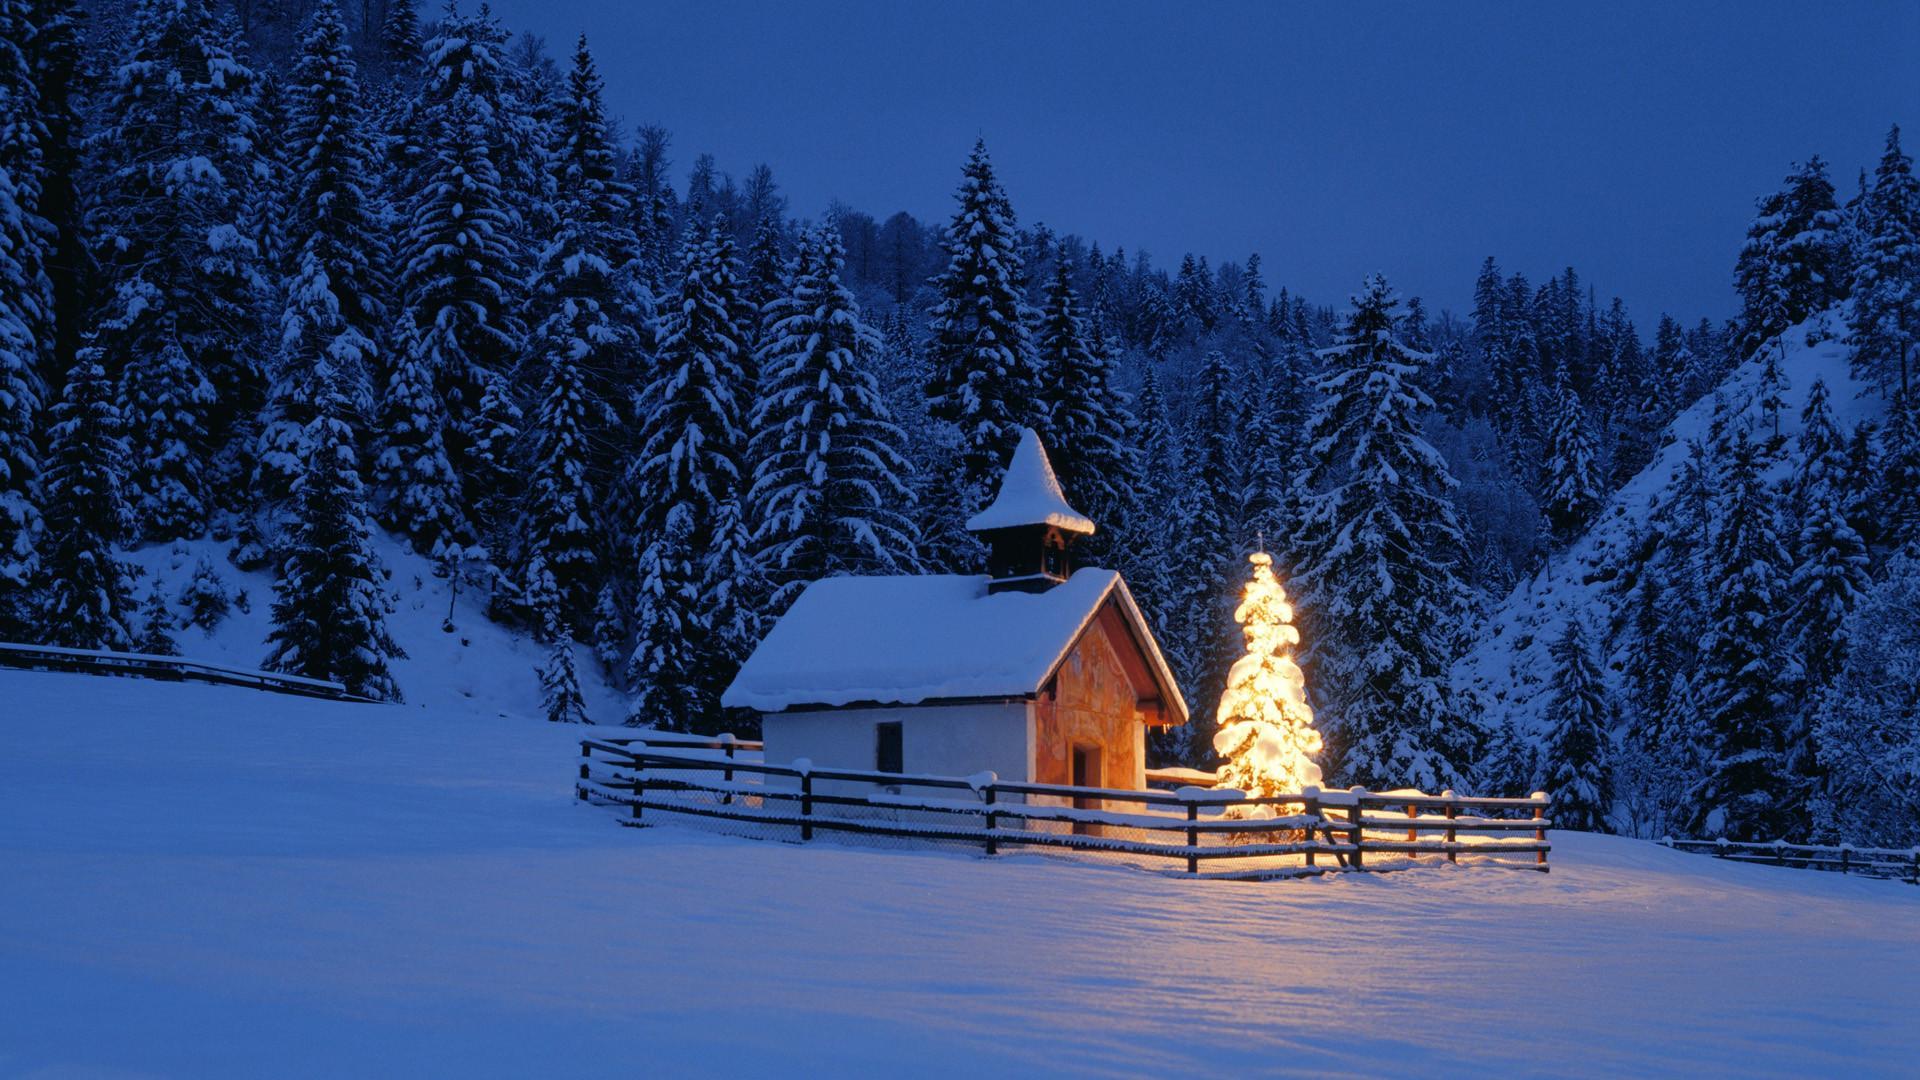 冬季雪景壁纸 冬季唯美风景雪景高清桌面壁纸 _图片